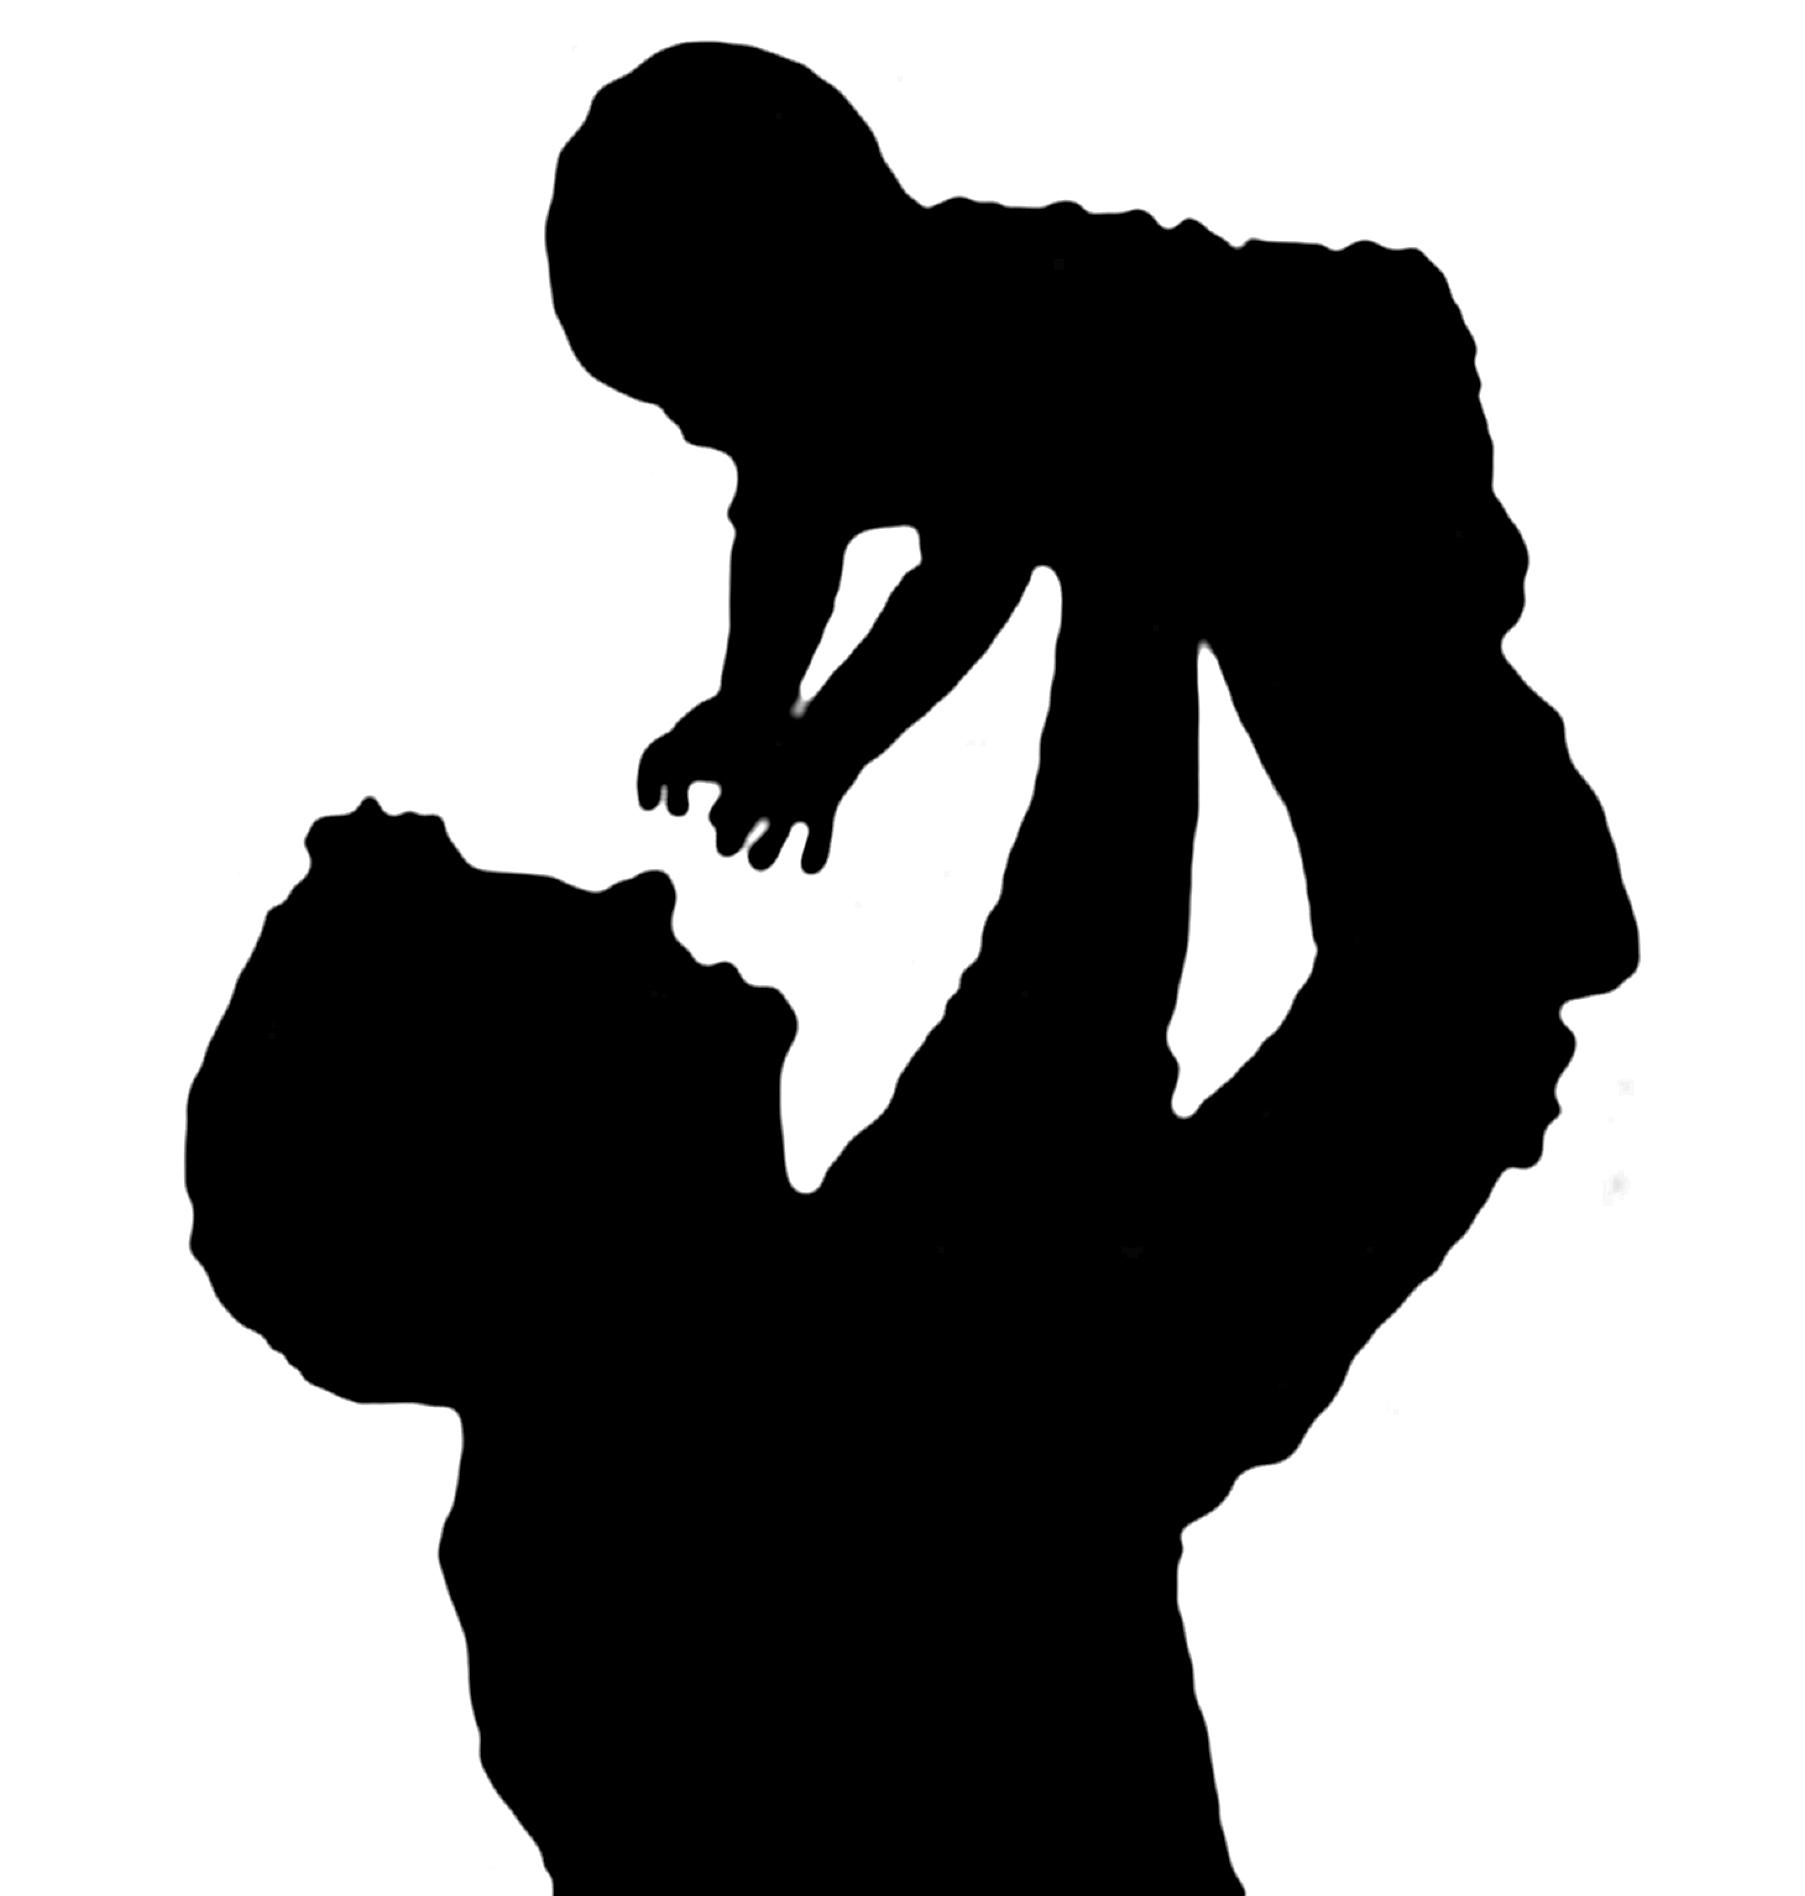 Child Silhouette Clip Art - Cliparts.co